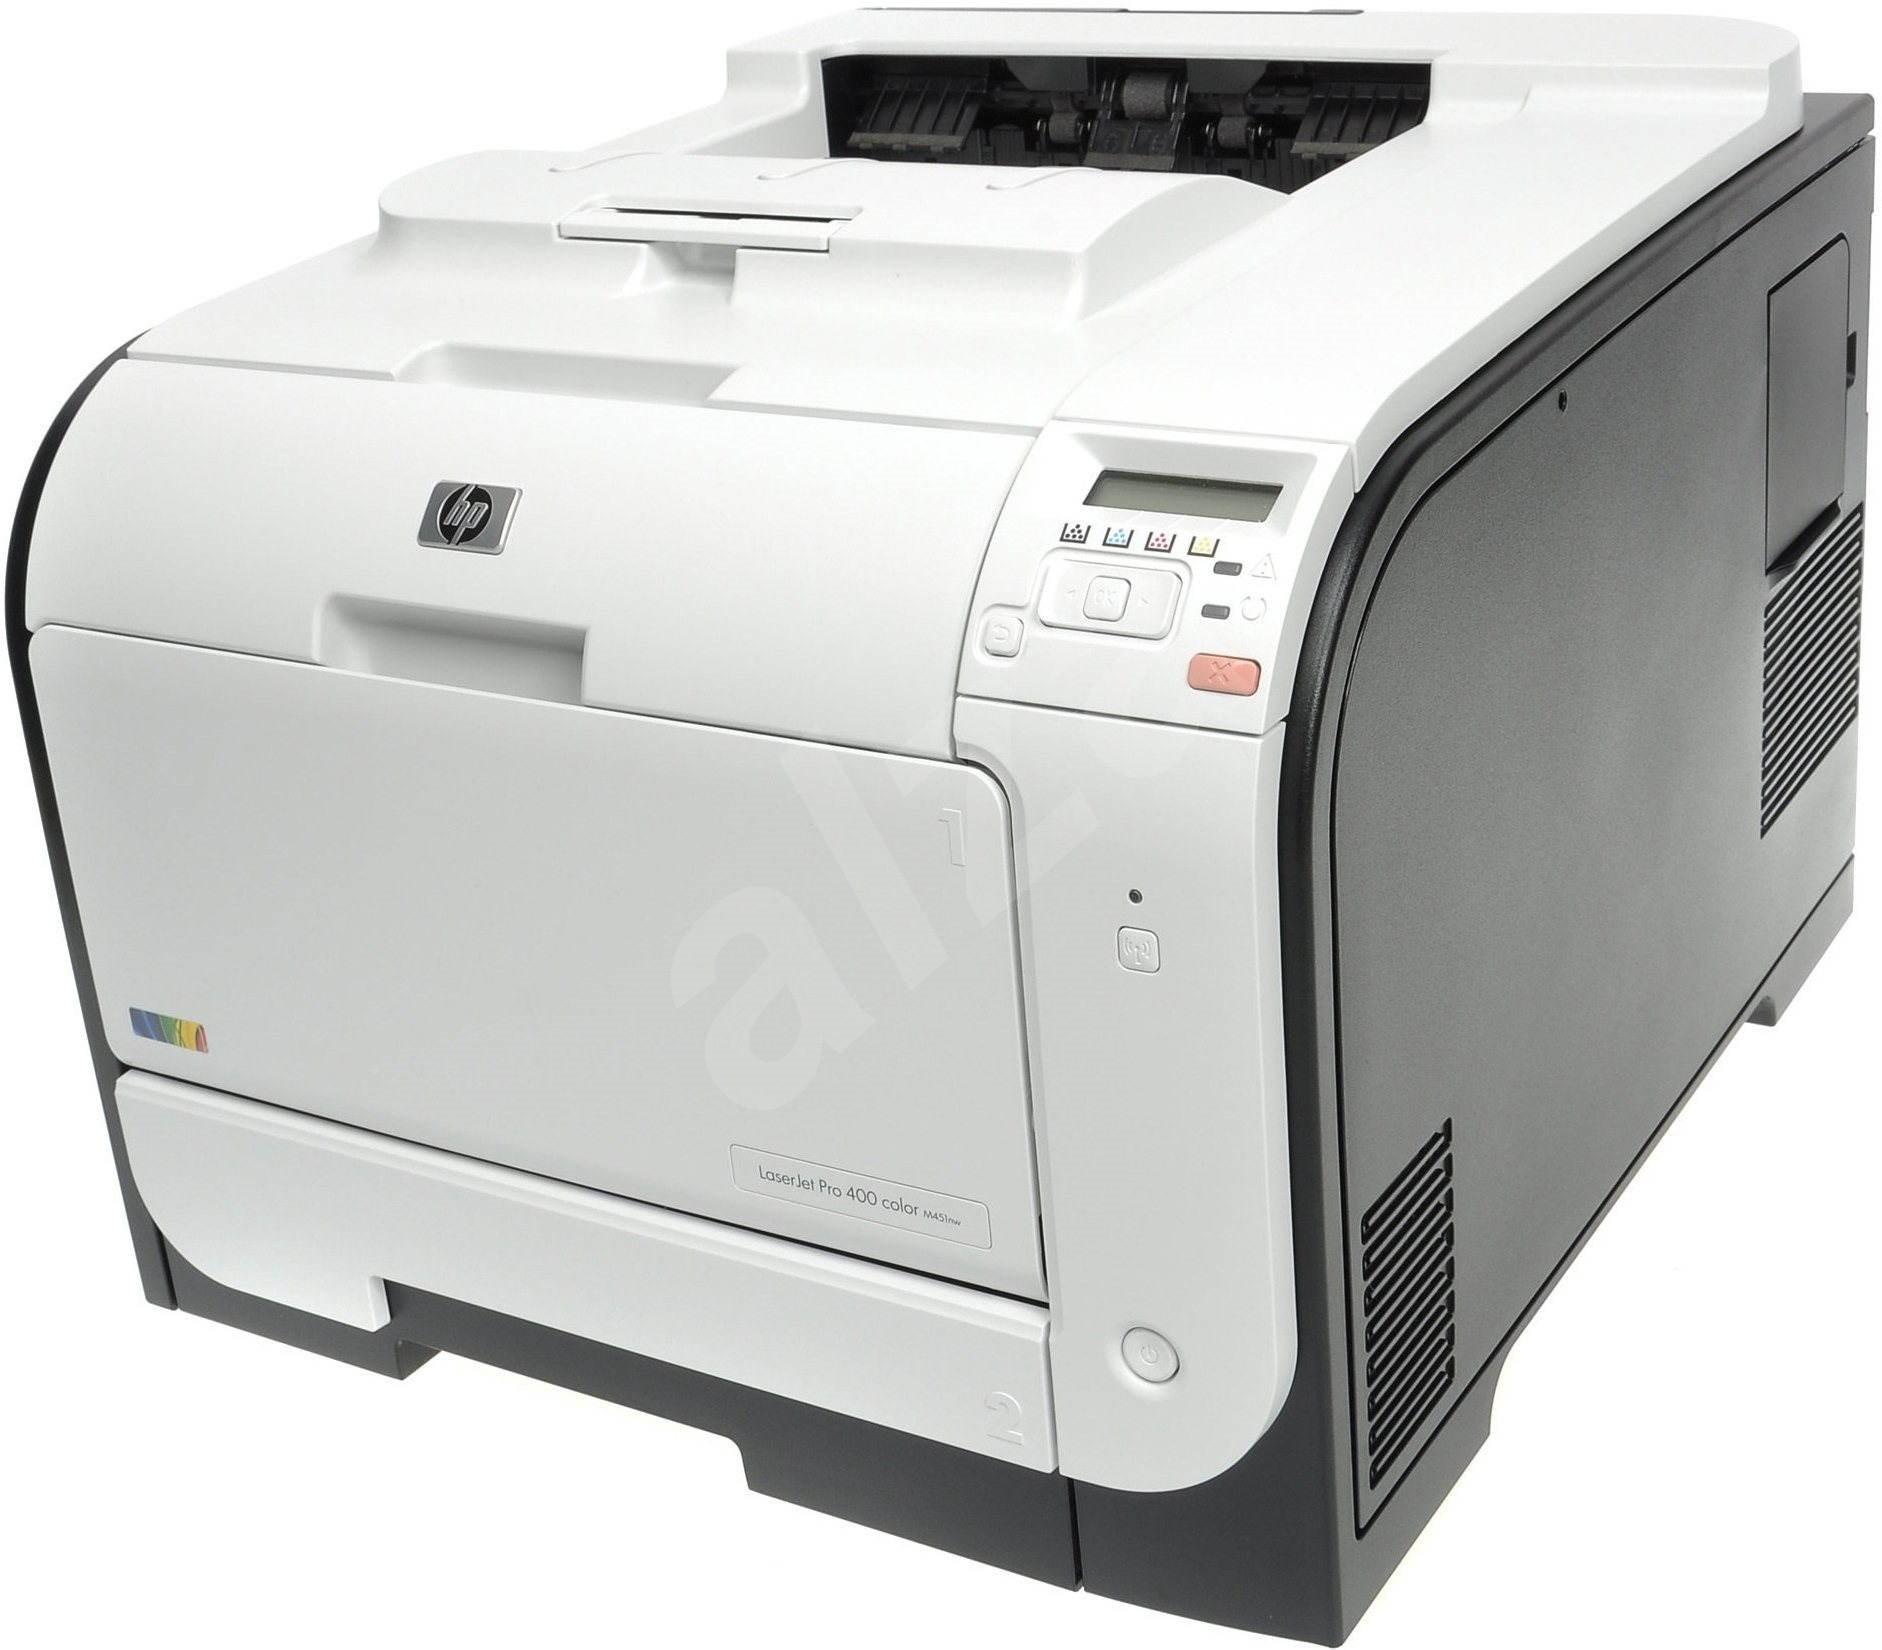 hp laserjet pro 400 color m451nw laser printer. Black Bedroom Furniture Sets. Home Design Ideas